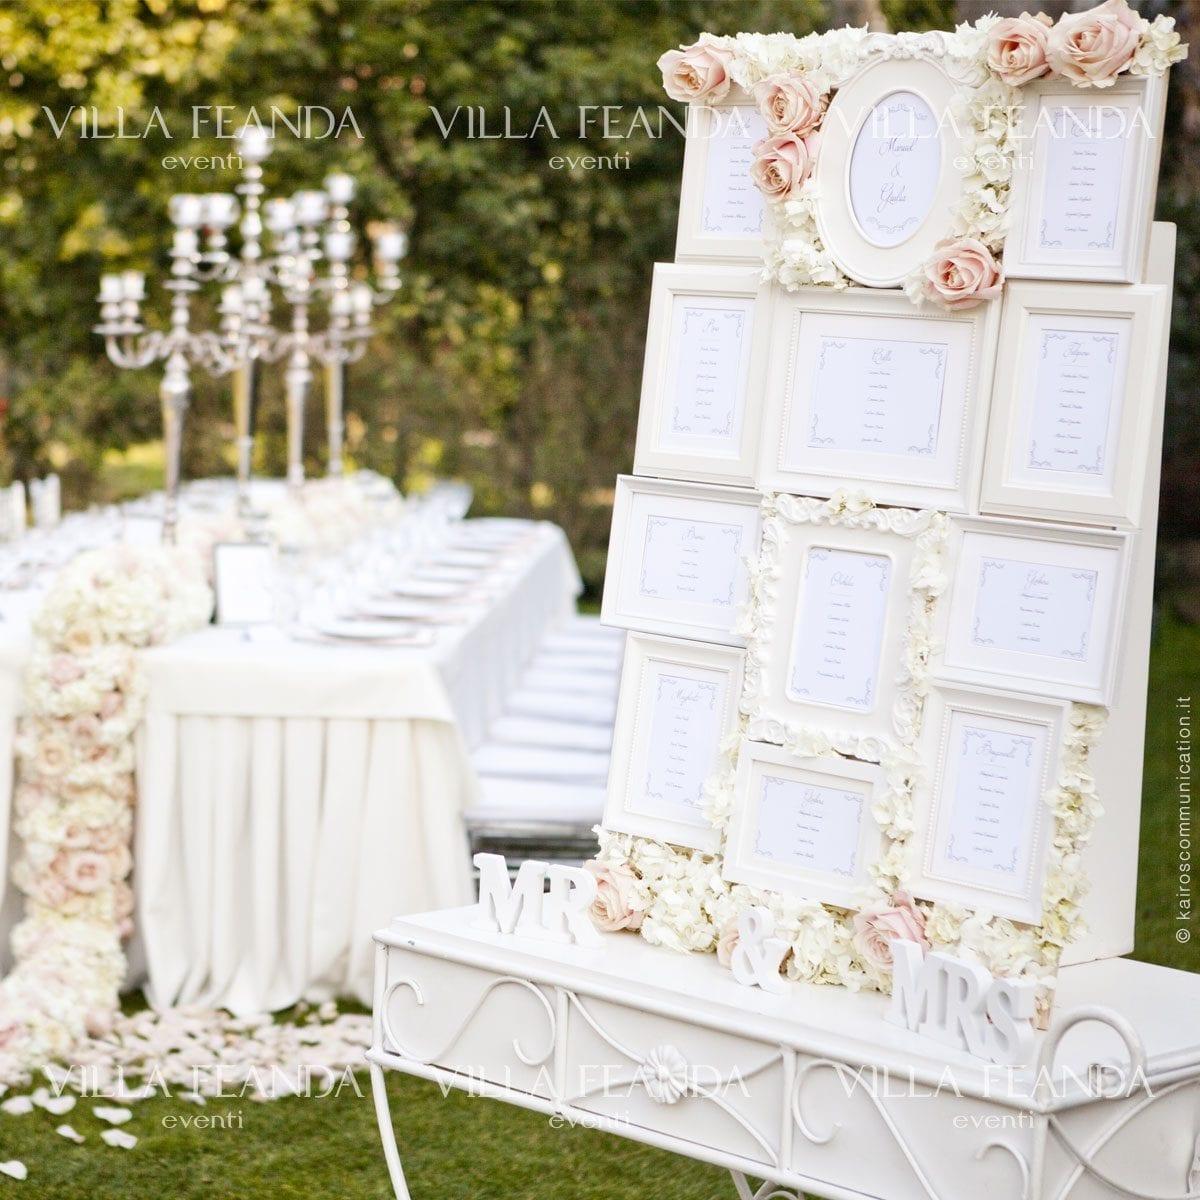 abbastanza Tableau de mariage, idee e consigli | Villa Feanda Eventi LO02